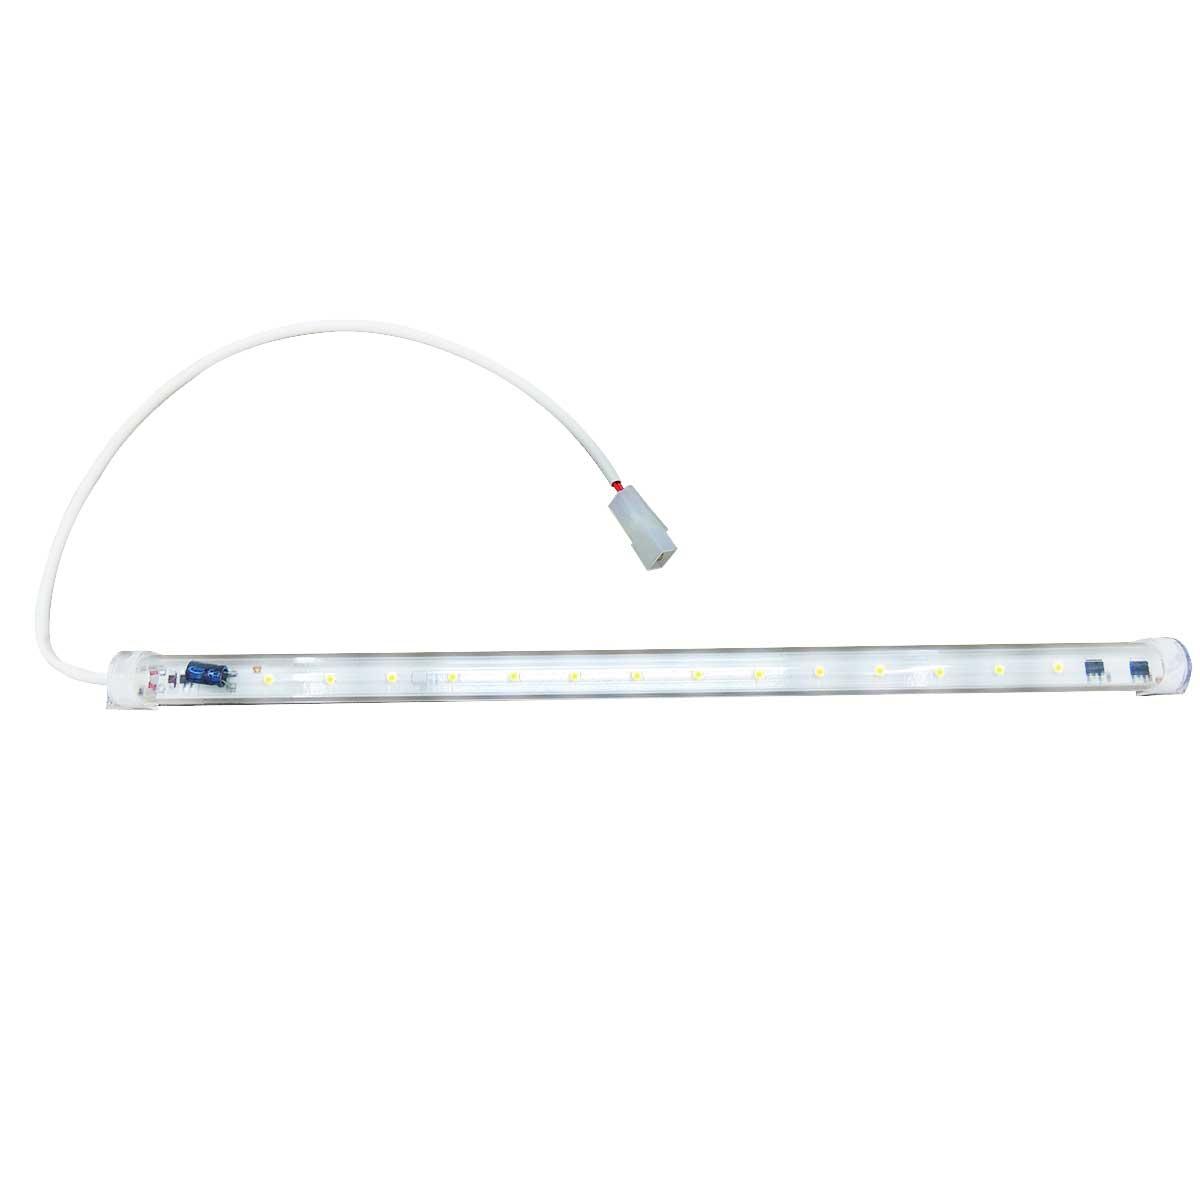 Régua Tubolar de LED universal Para Cervejeira Metalfrio Gelopar 220V 42CM 8W 14LEDS 20600390